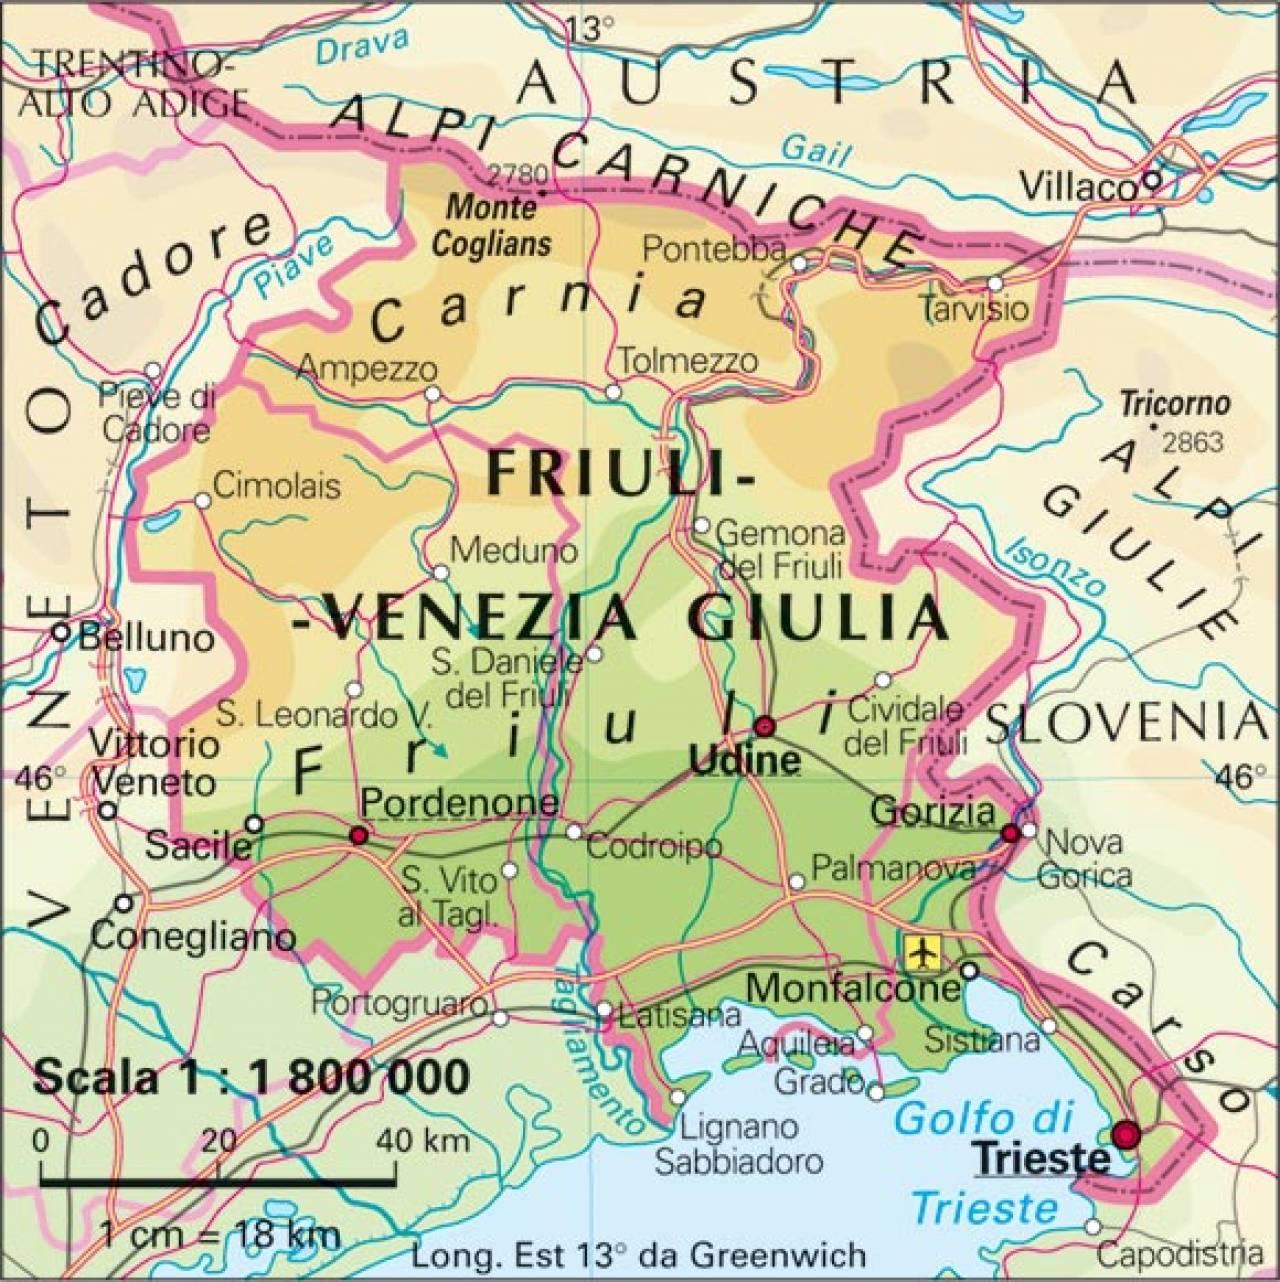 Meteo viaggi il clima del friuli venezia giulia a maggio for Progettazione giardini friuli venezia giulia